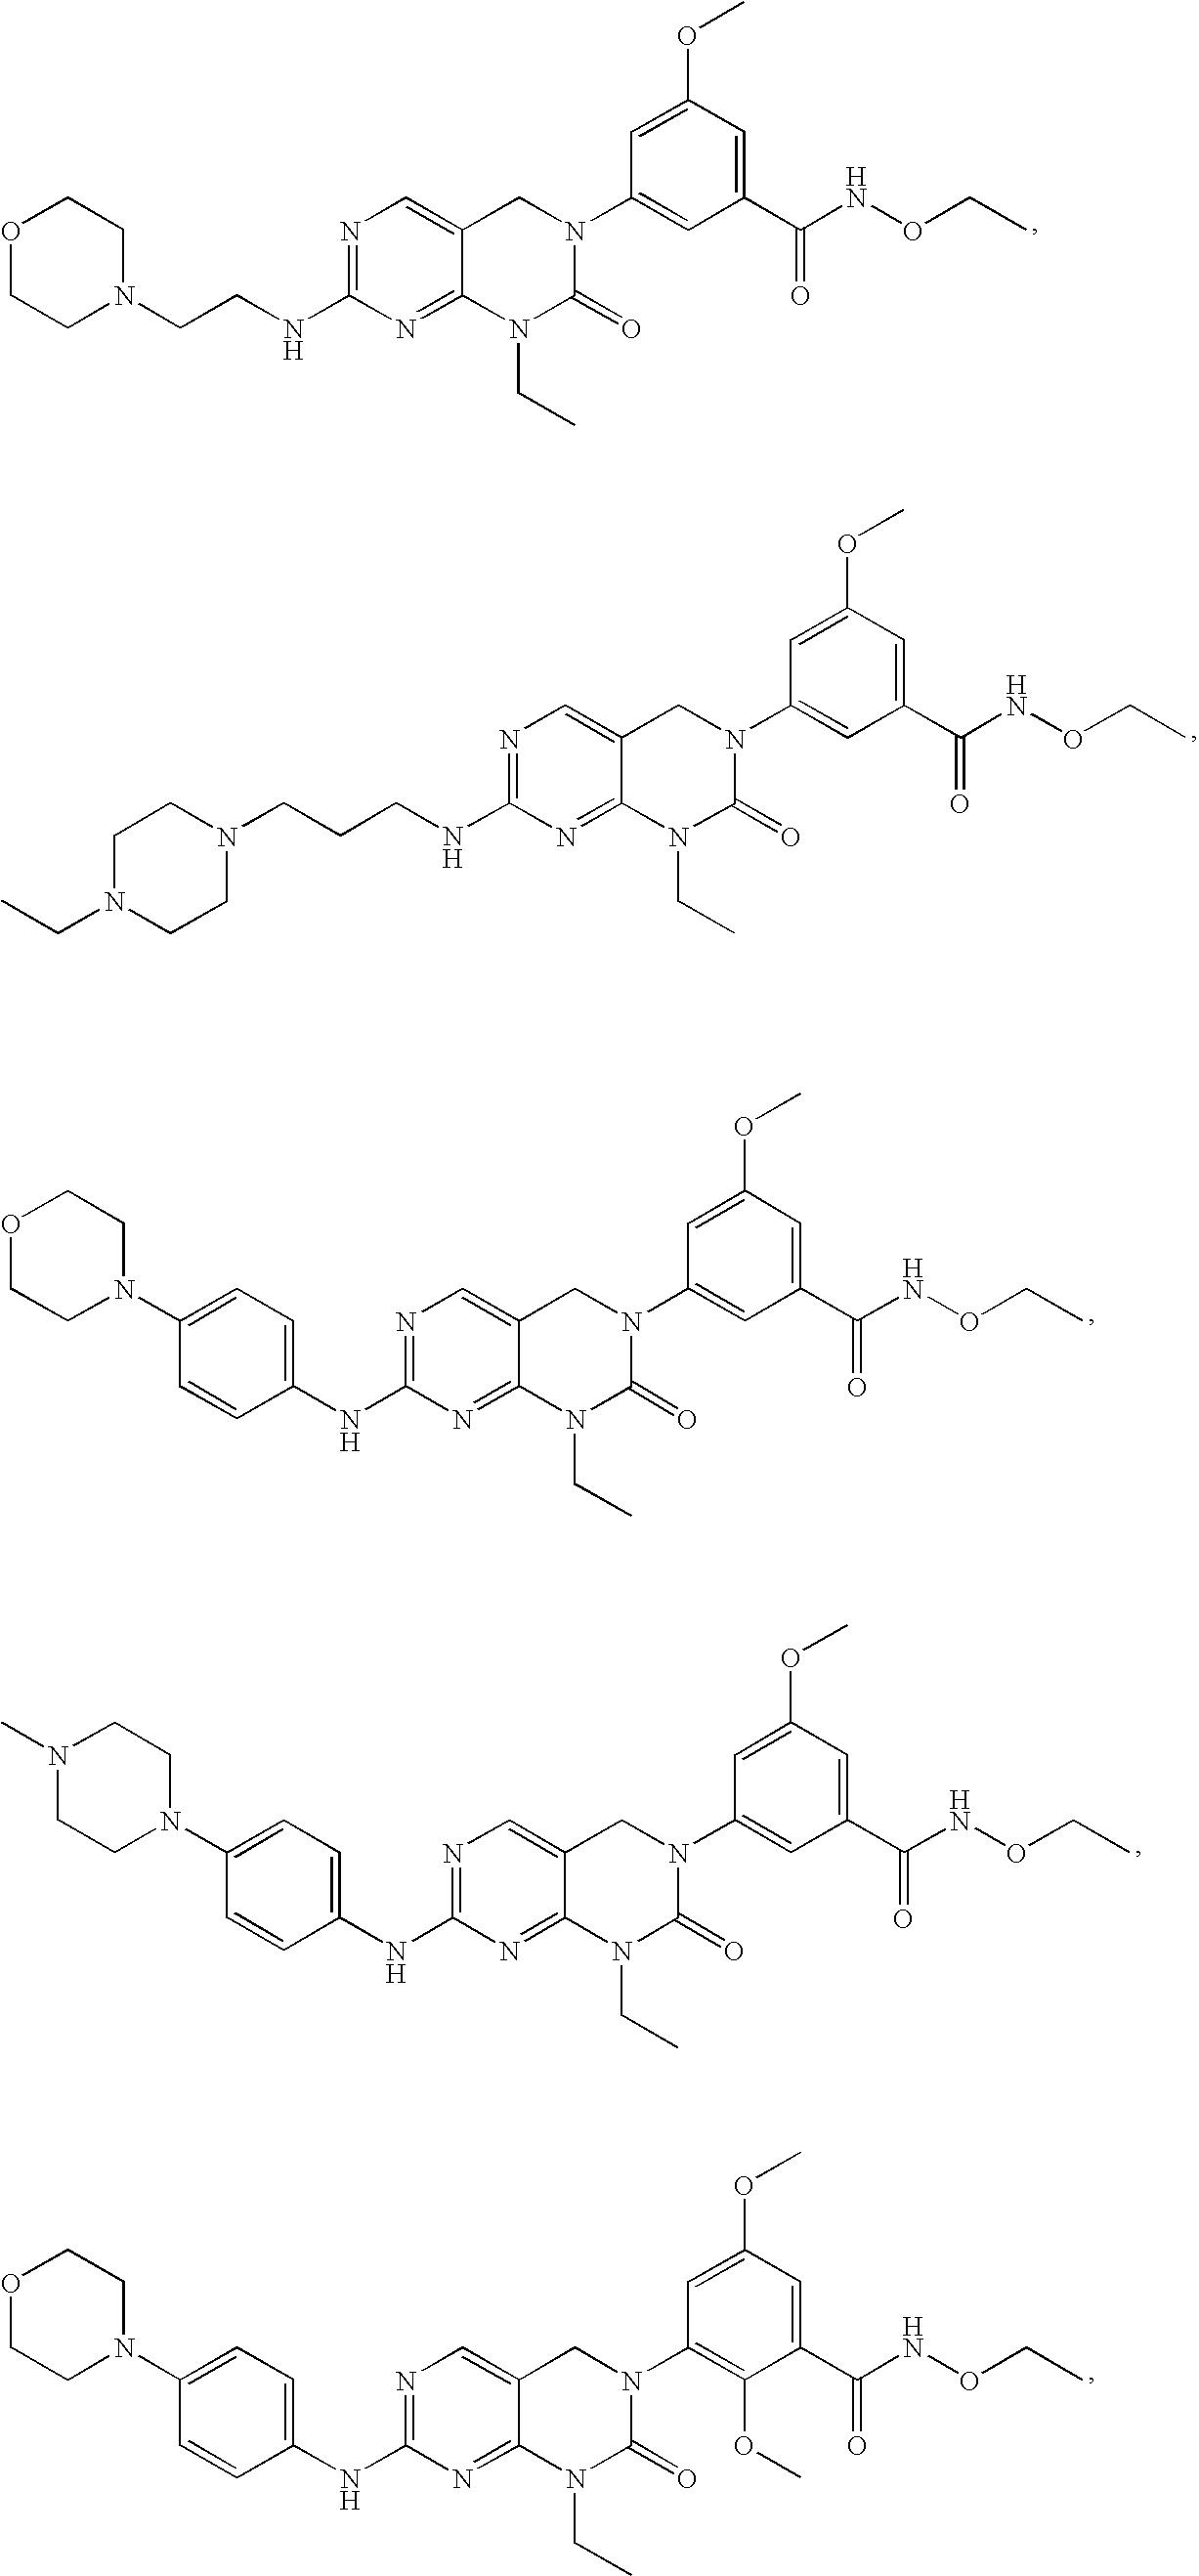 Figure US20090312321A1-20091217-C00080